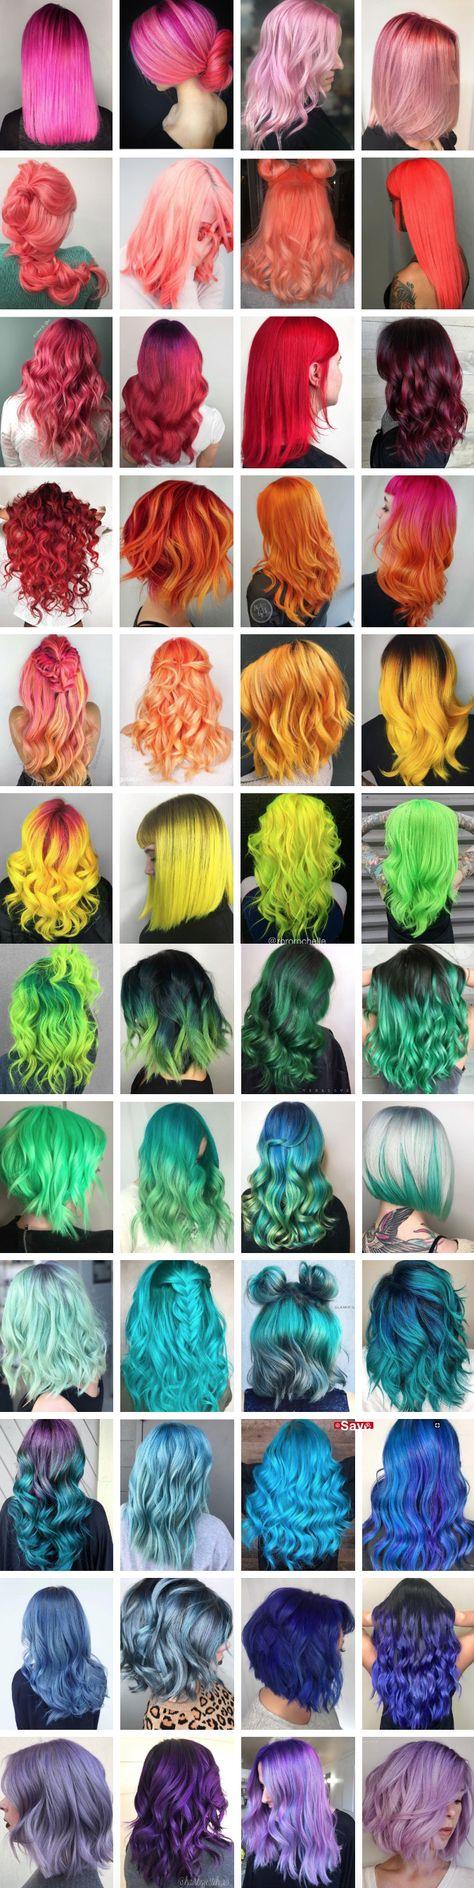 Rainbow of hair color inspiration. # hair color inspiration # rainbow Rainbow of hair color inspirat Pretty Hair Color, Beautiful Hair Color, Fun Hair Color, Cinnamon Hair, Pelo Multicolor, Hair Dye Colors, Bright Hair, Crazy Colour, Dream Hair